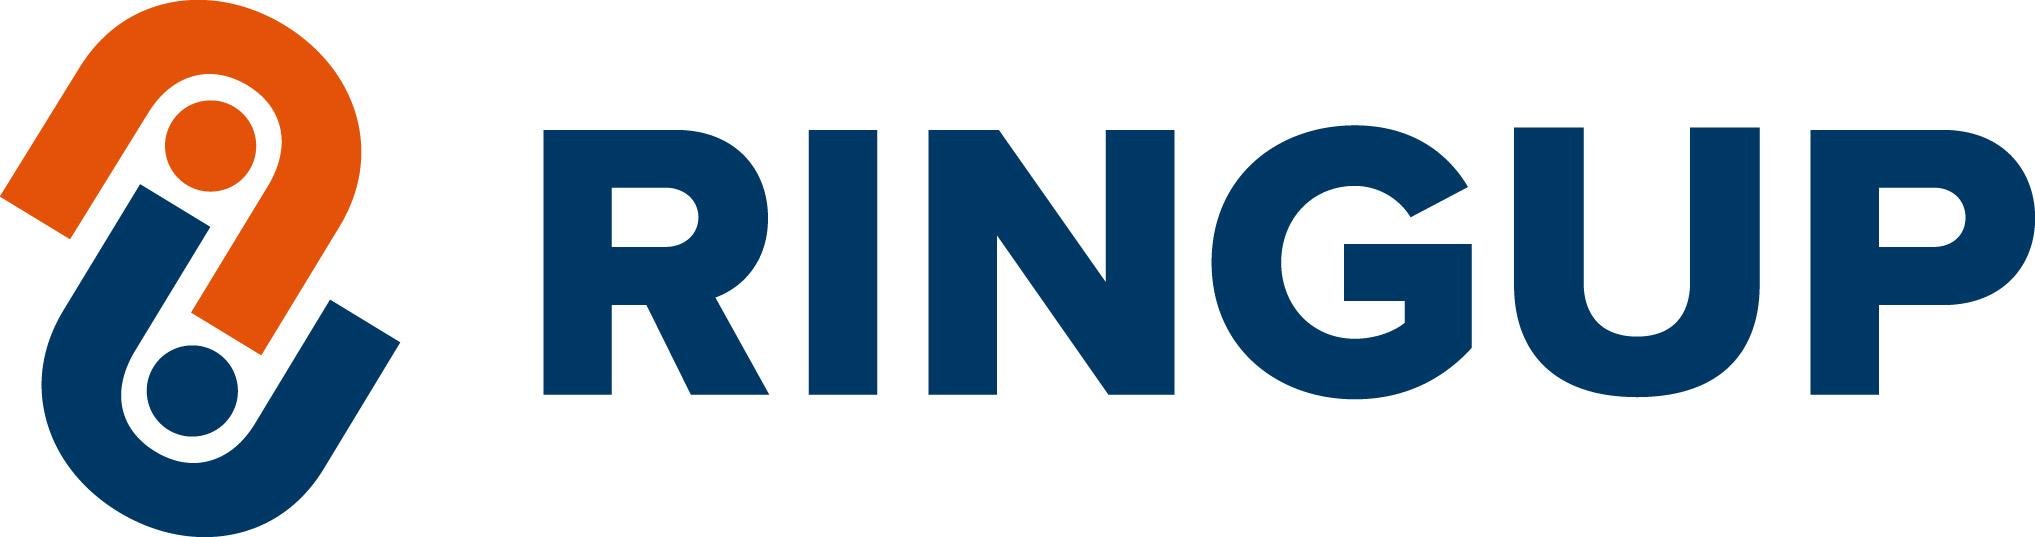 Ringup Electra Sweden